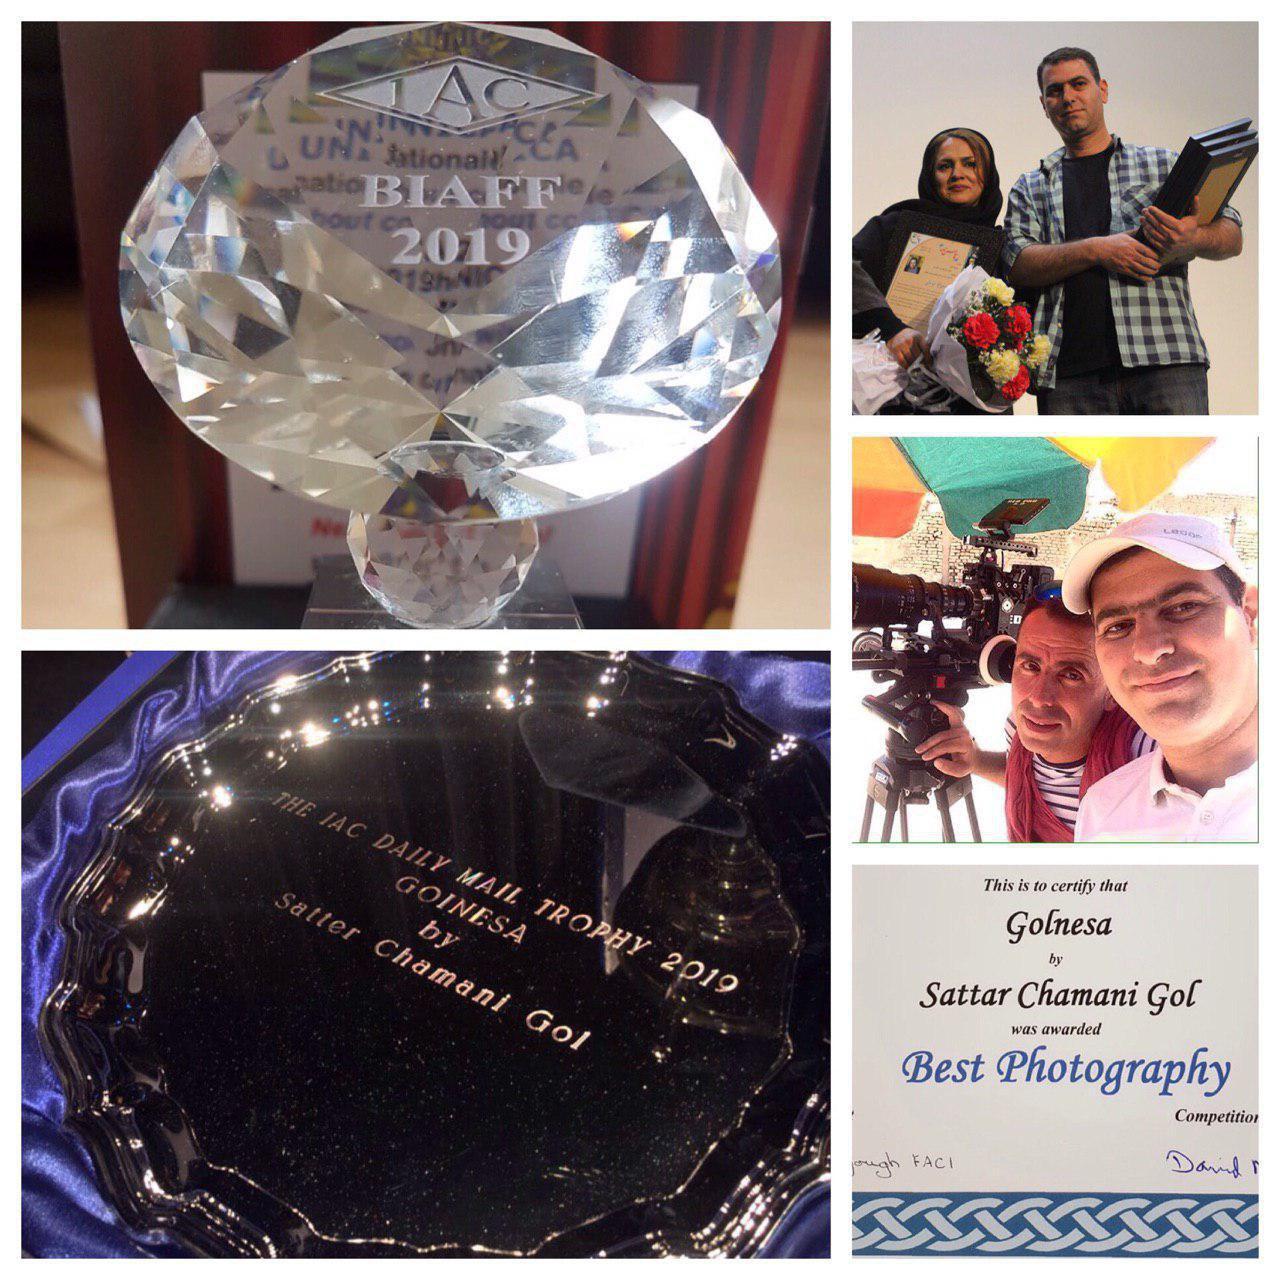 نشان الماس و جایزه بهترین فیلمبرداری جشنواره فیلم بیرمنگام برای «گل نساء» چمنیگل